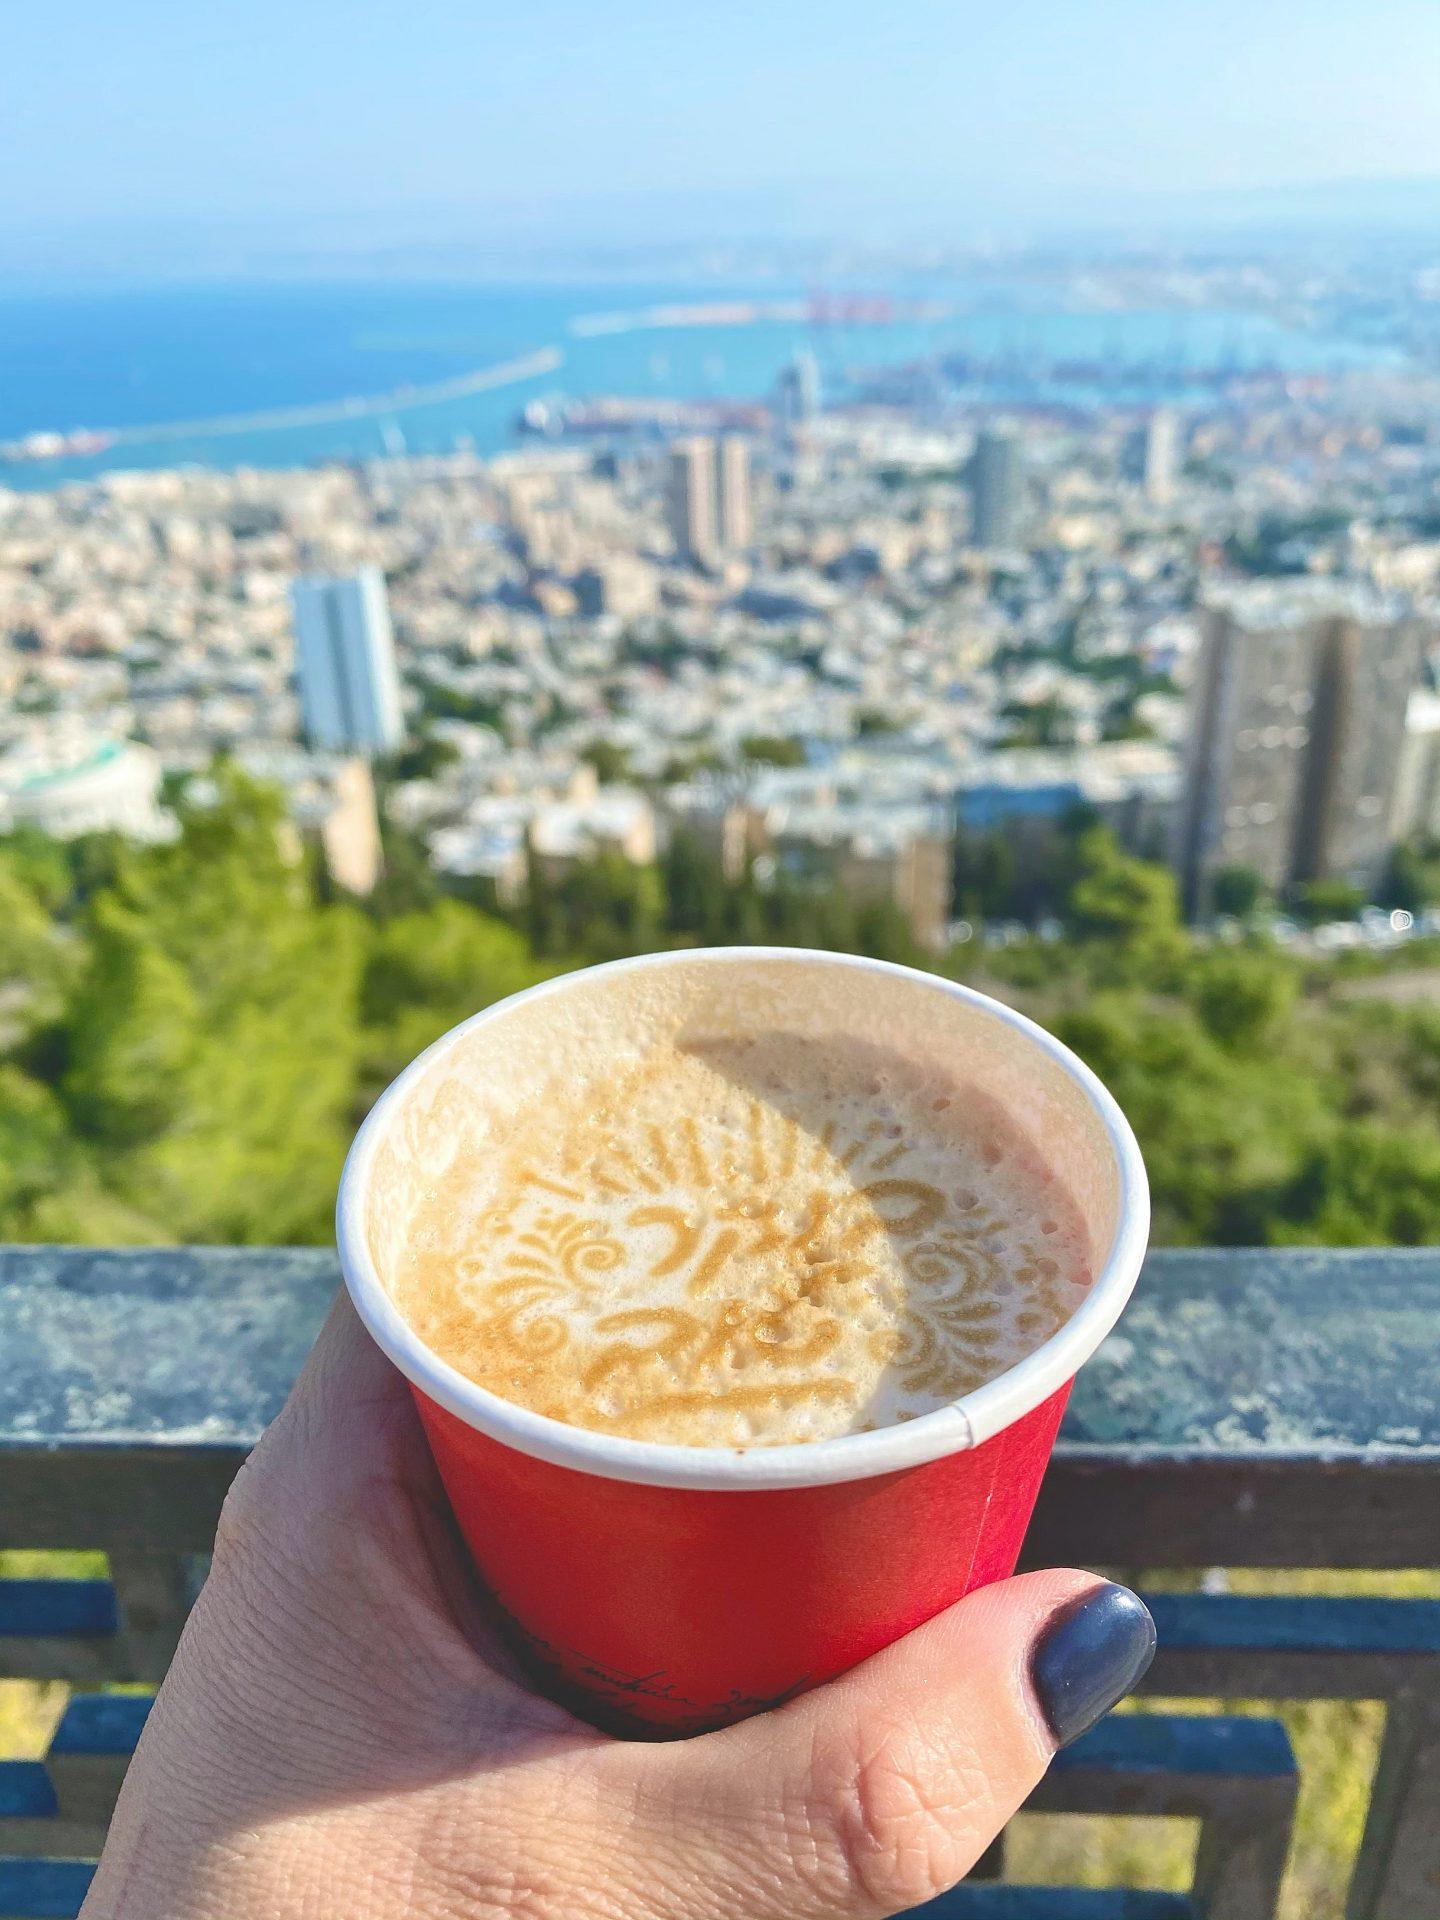 קפה לוריס משאית אוכל חיפה פודטראק שירי ויצנר בלוג חיפאית5